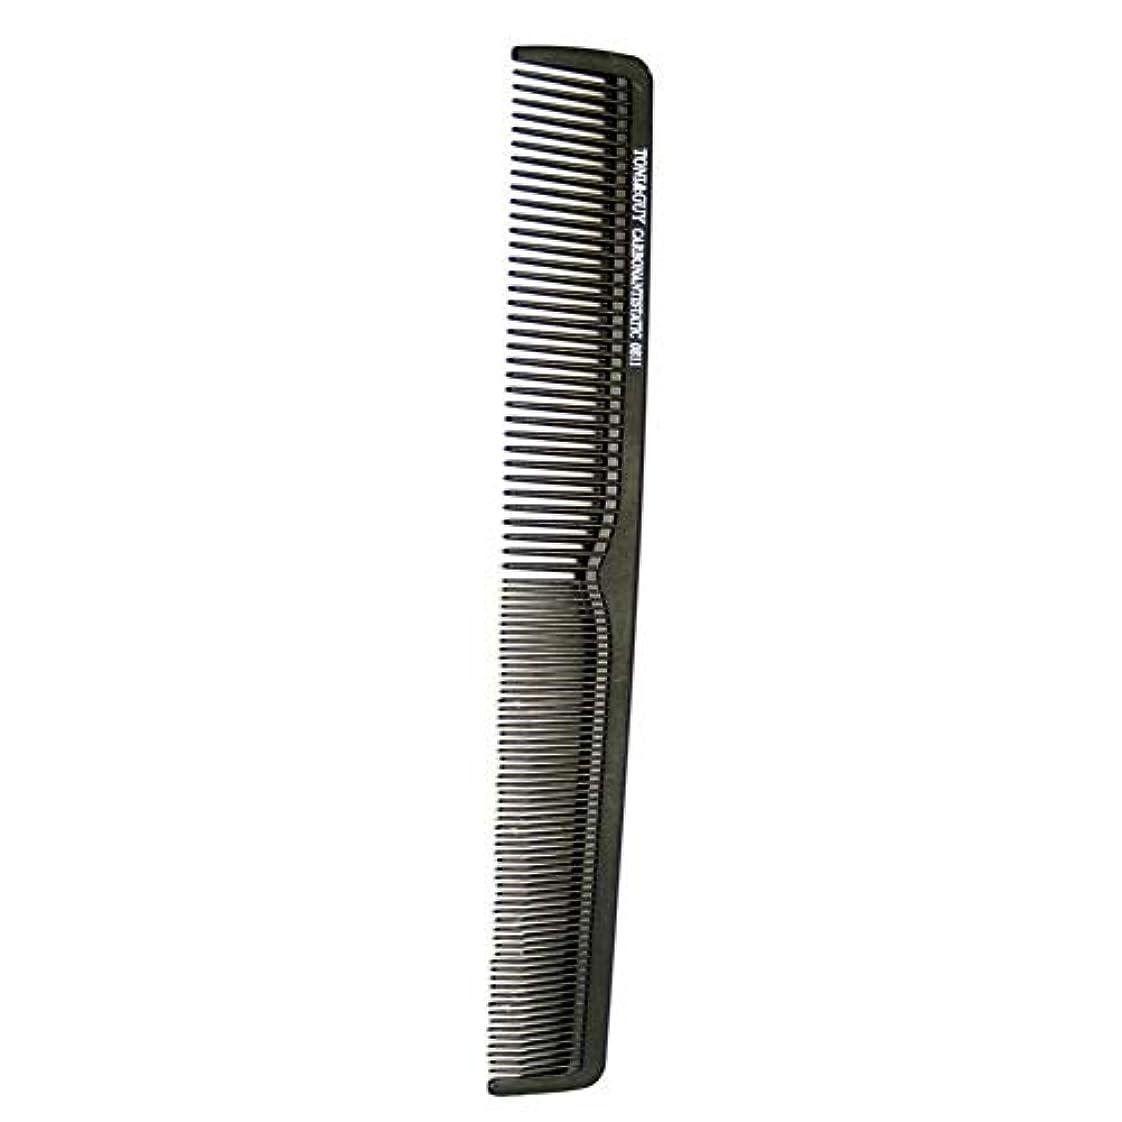 仕立て屋運営致命的なSILUN 黒鋼針くし 耐熱 帯電防止 理髪コーム人気 スタイリングコーム 静電気防止 散髪店/美容院専用櫛